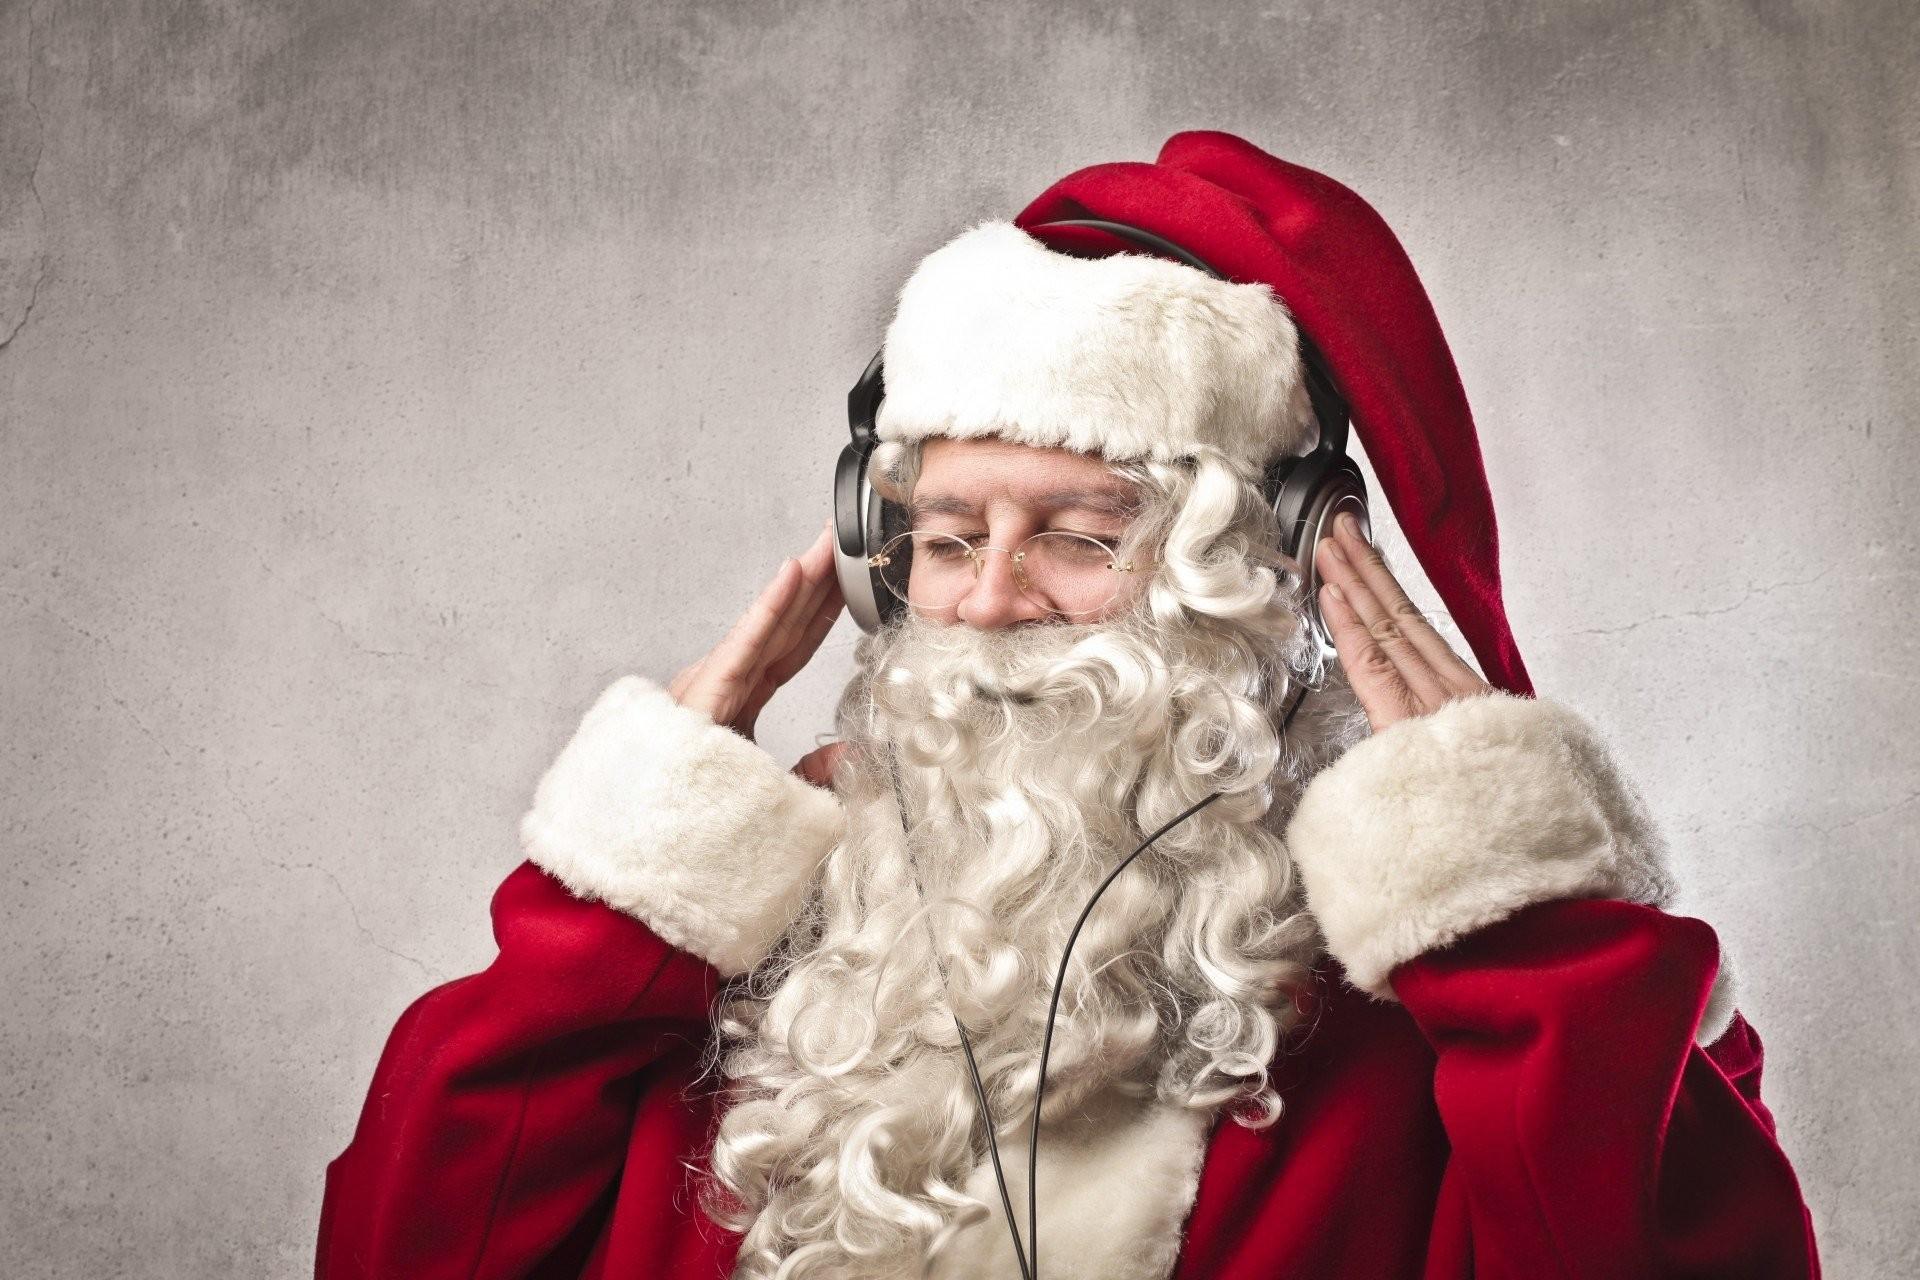 Årets Julegavetips 2018 – 24 Harde julepakker